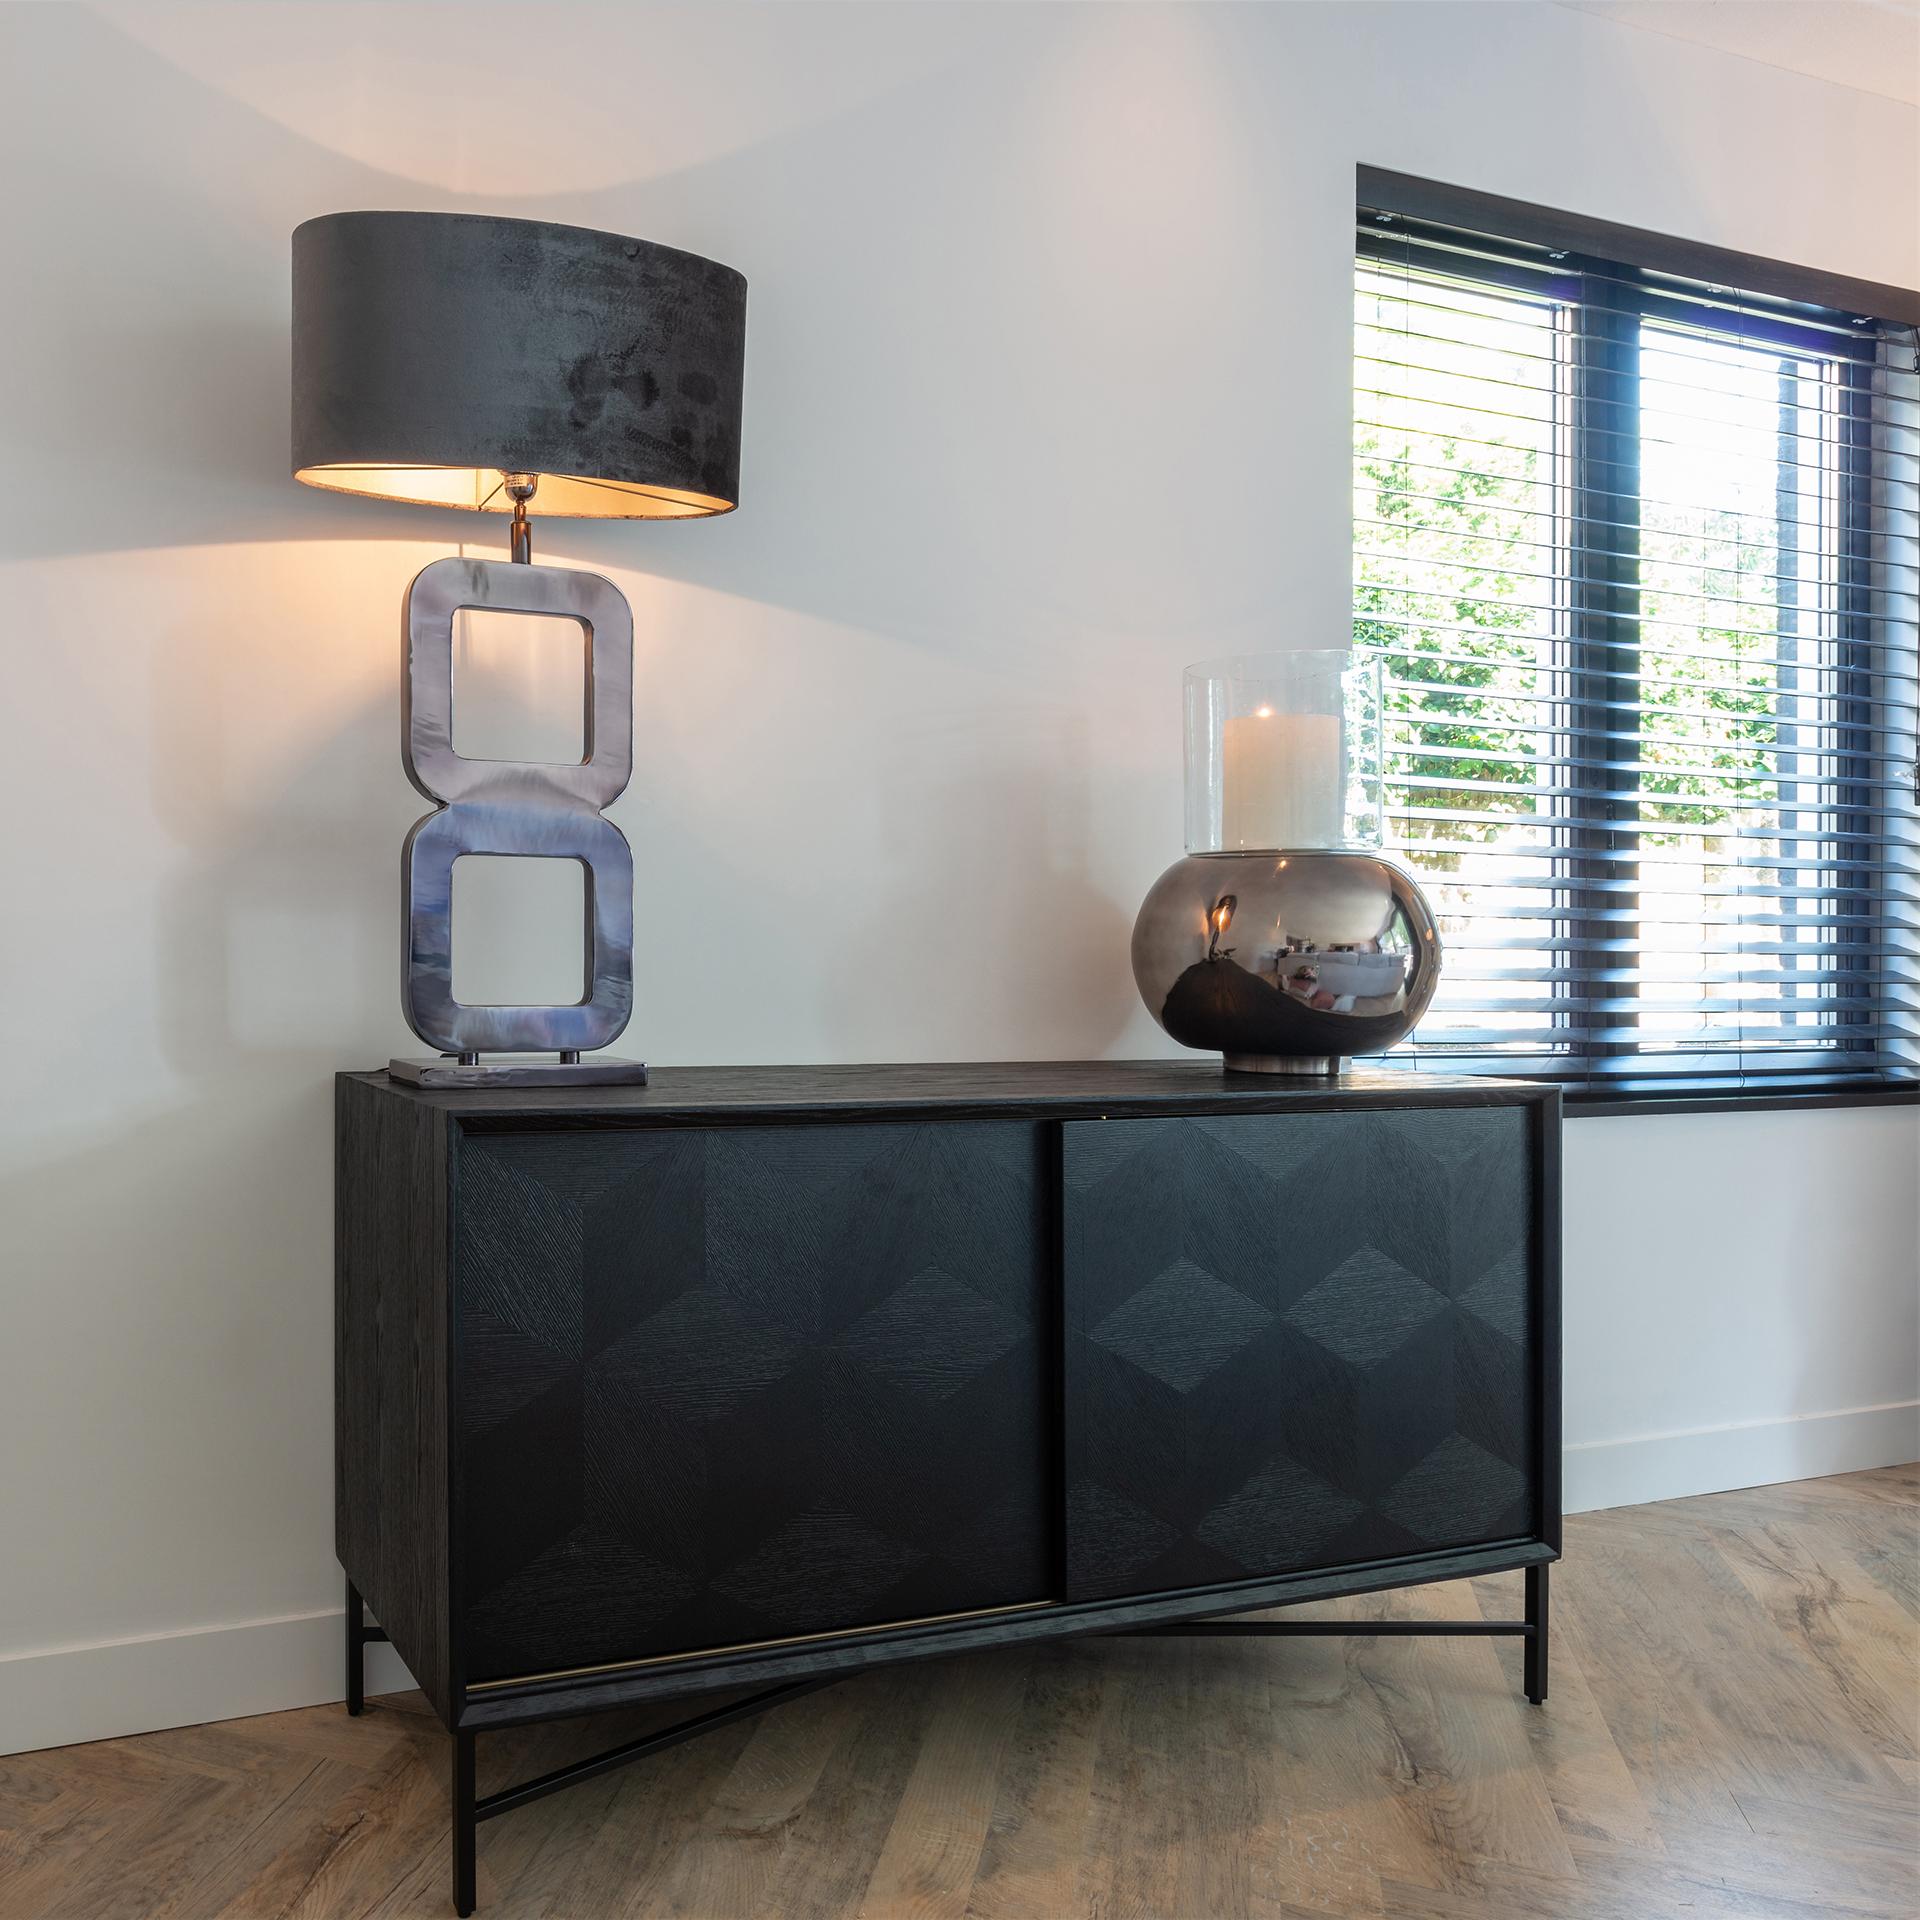 Blax dressoir, Richmond Interiors